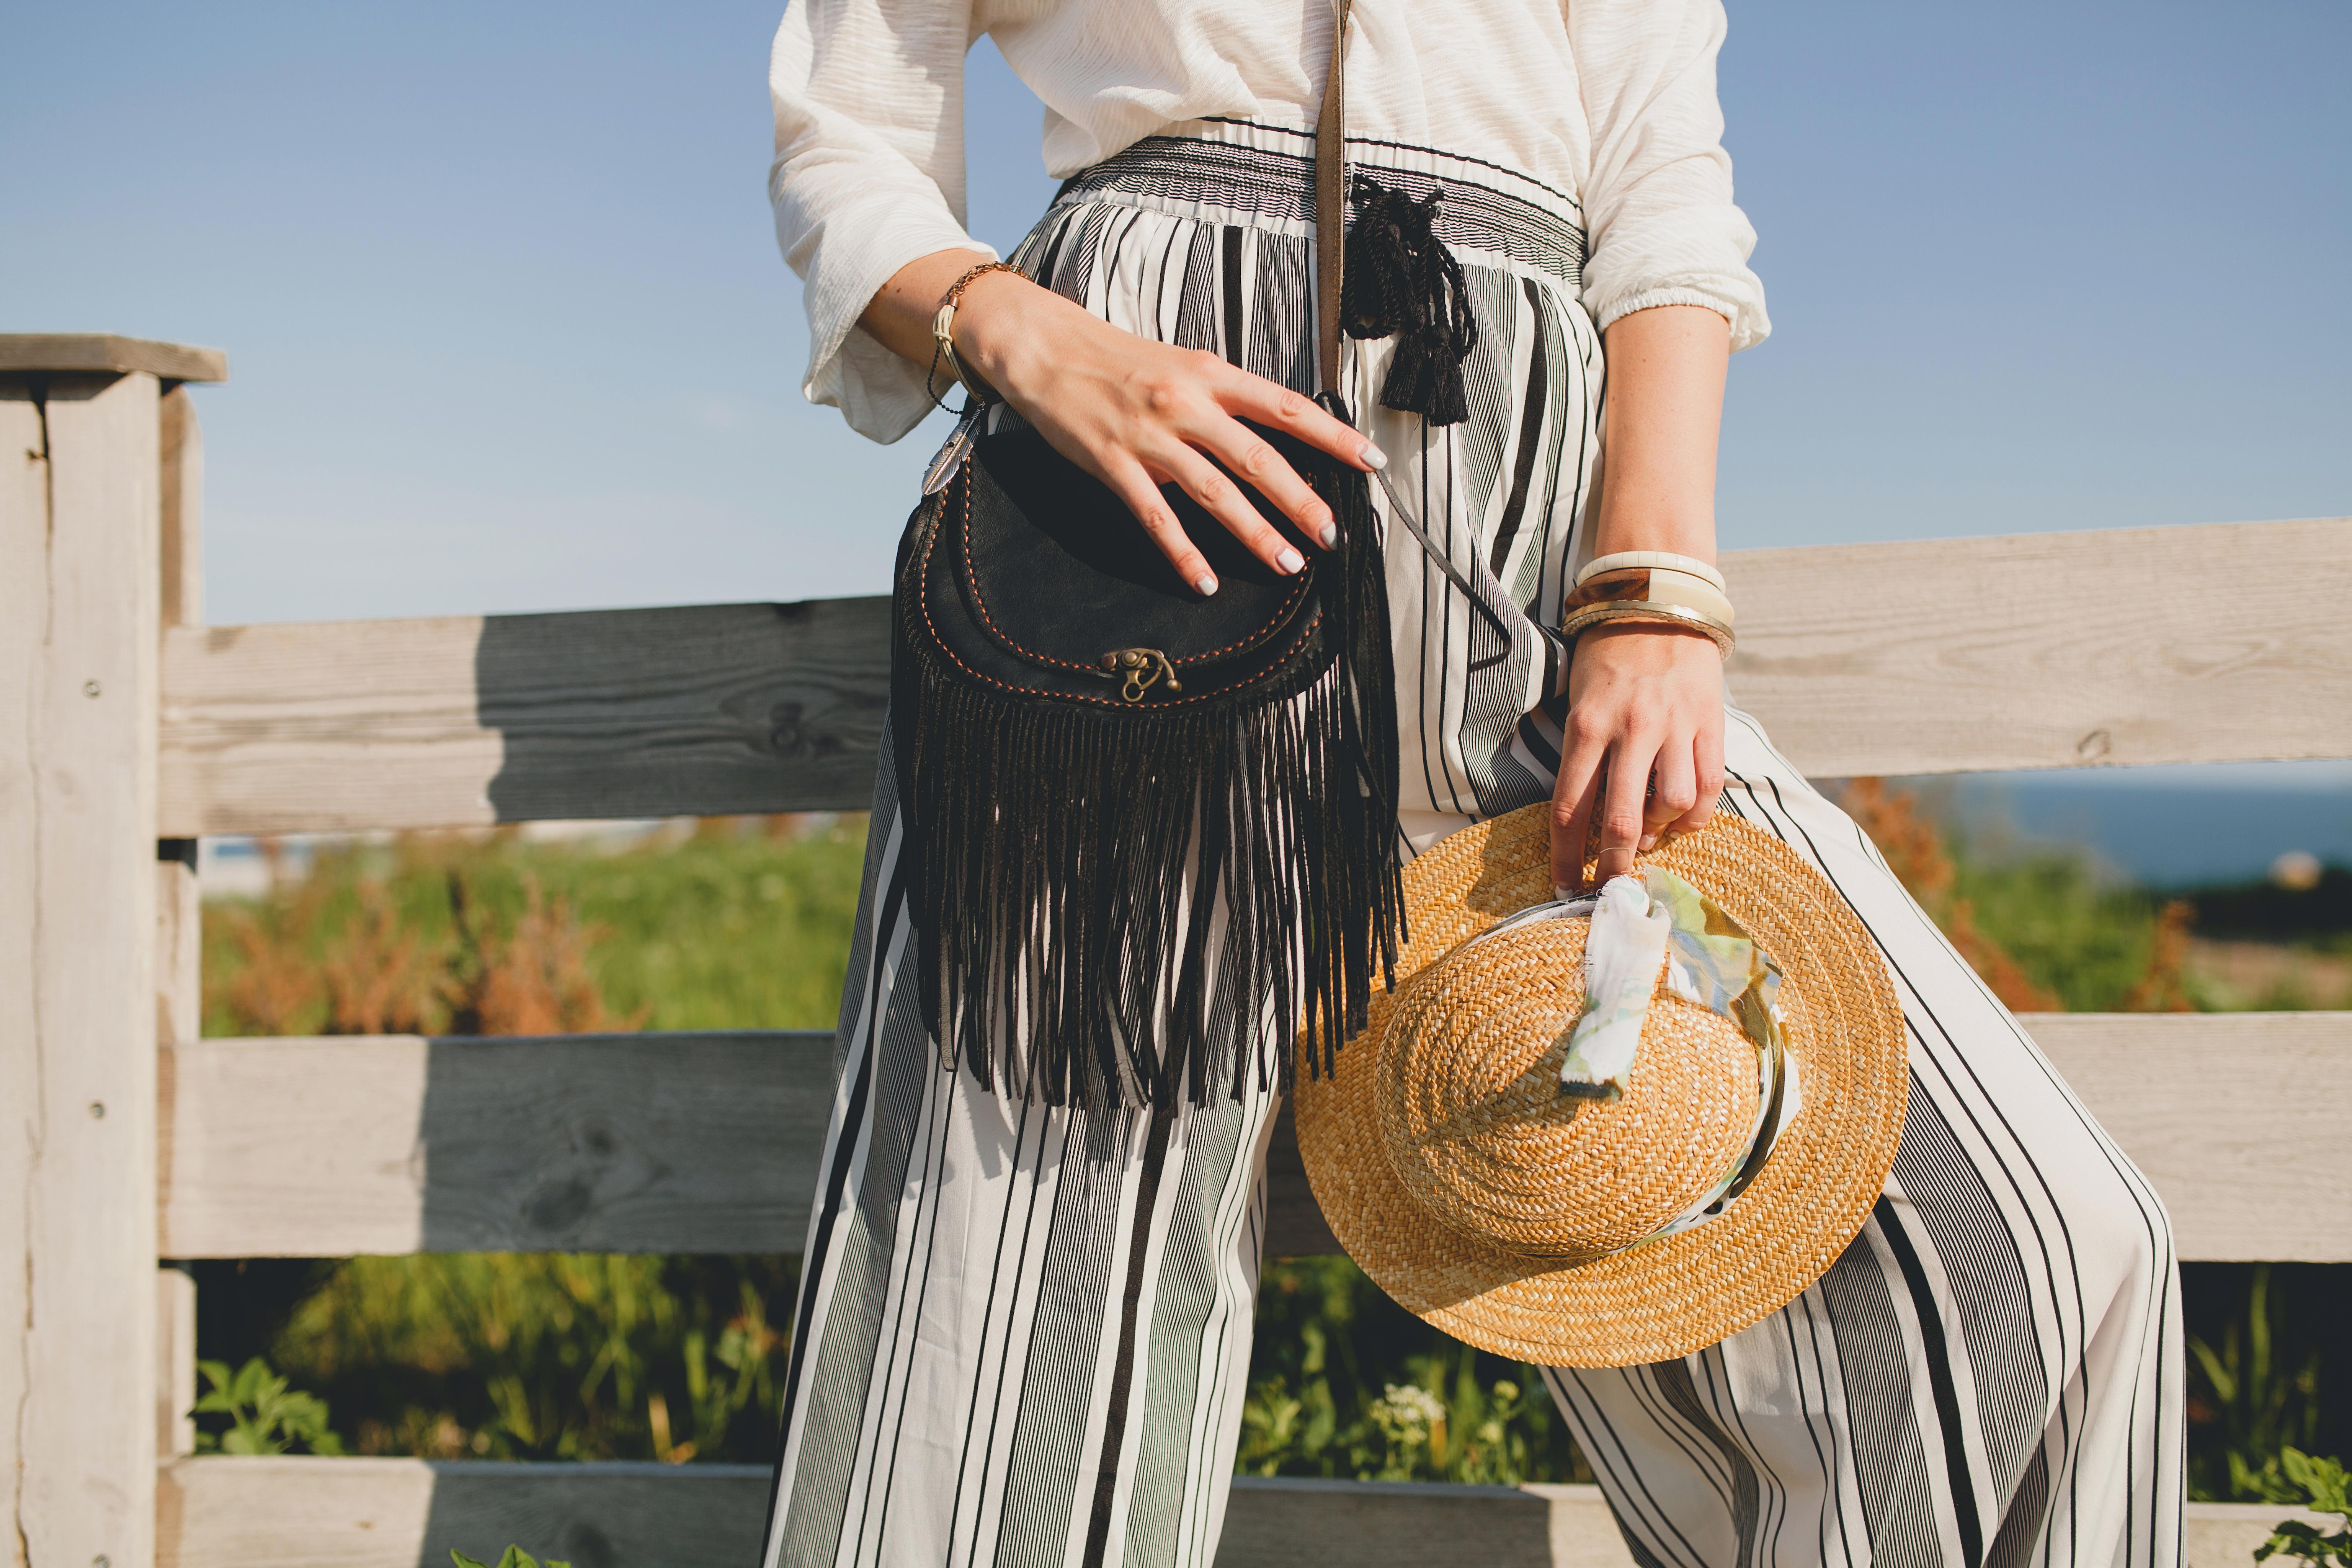 beautiful-stylish-woman-spring-summer-fashion-tren-6N6JY7Z